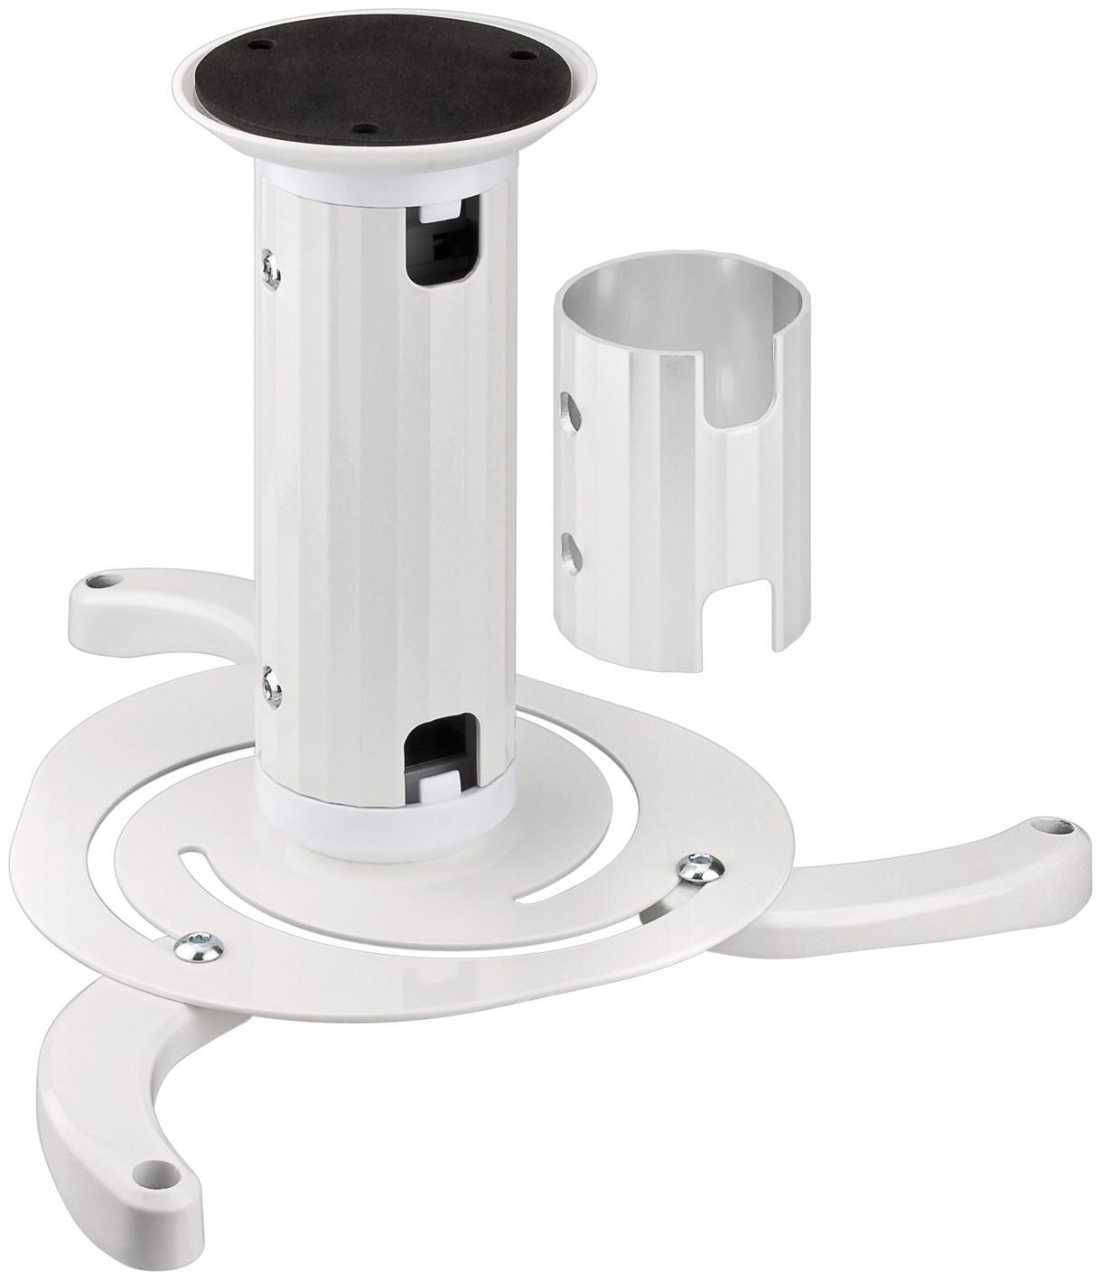 Deckenhalterung Goobay Beamerflex variabel für Beamer Weiß HOMWAN-052